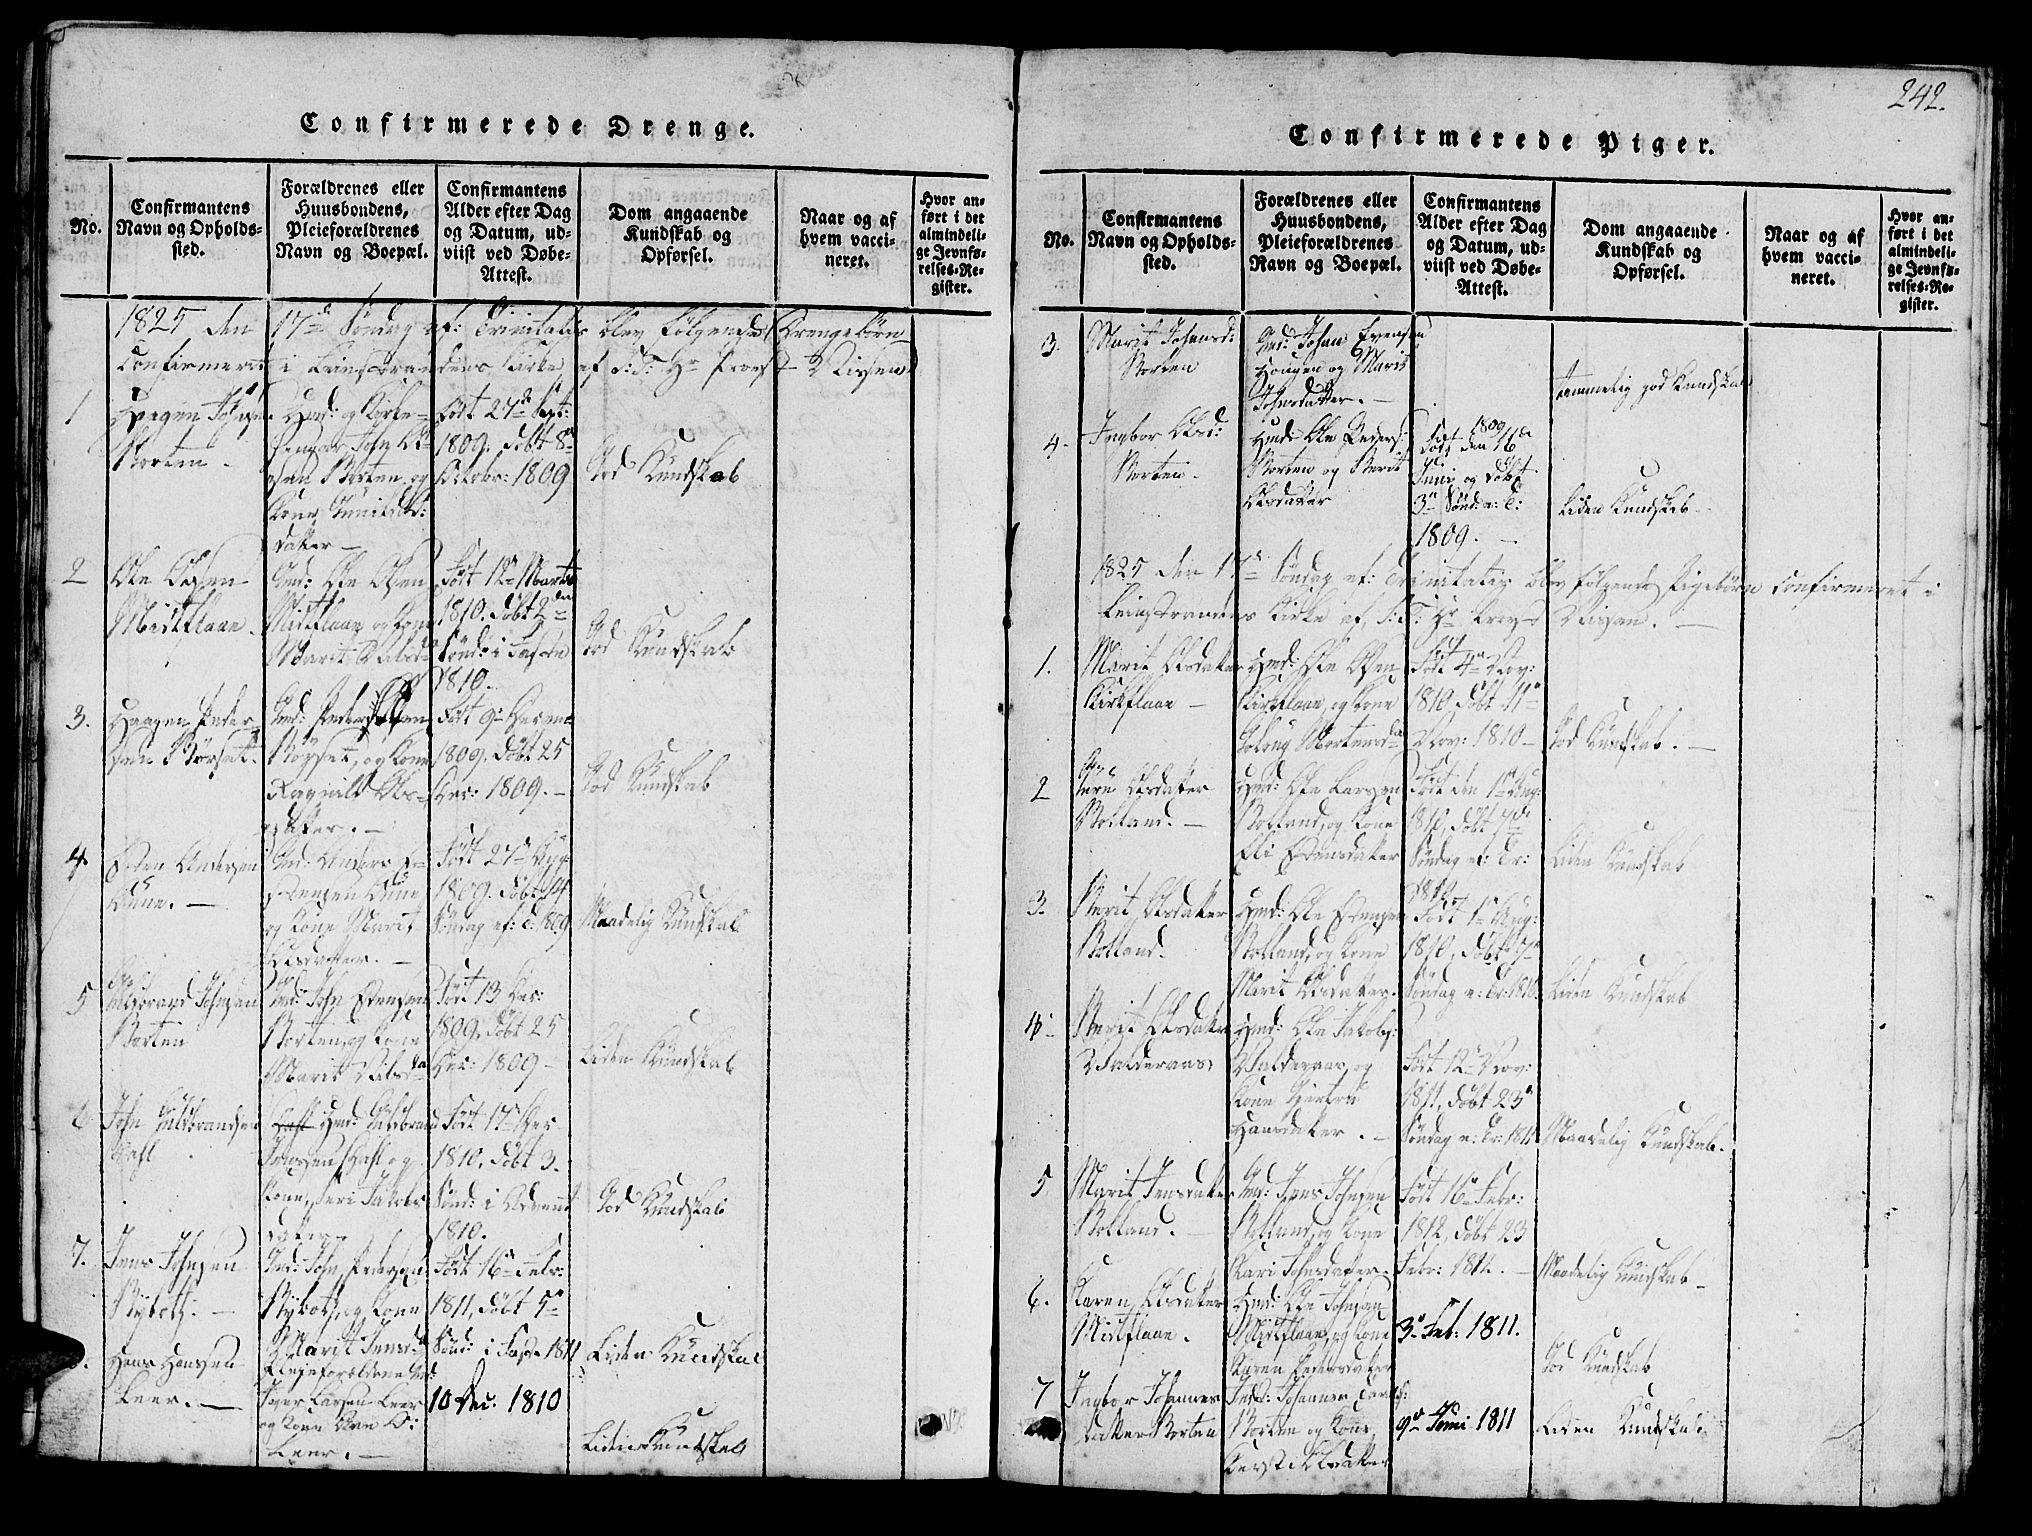 SAT, Ministerialprotokoller, klokkerbøker og fødselsregistre - Sør-Trøndelag, 693/L1121: Klokkerbok nr. 693C02, 1816-1869, s. 242